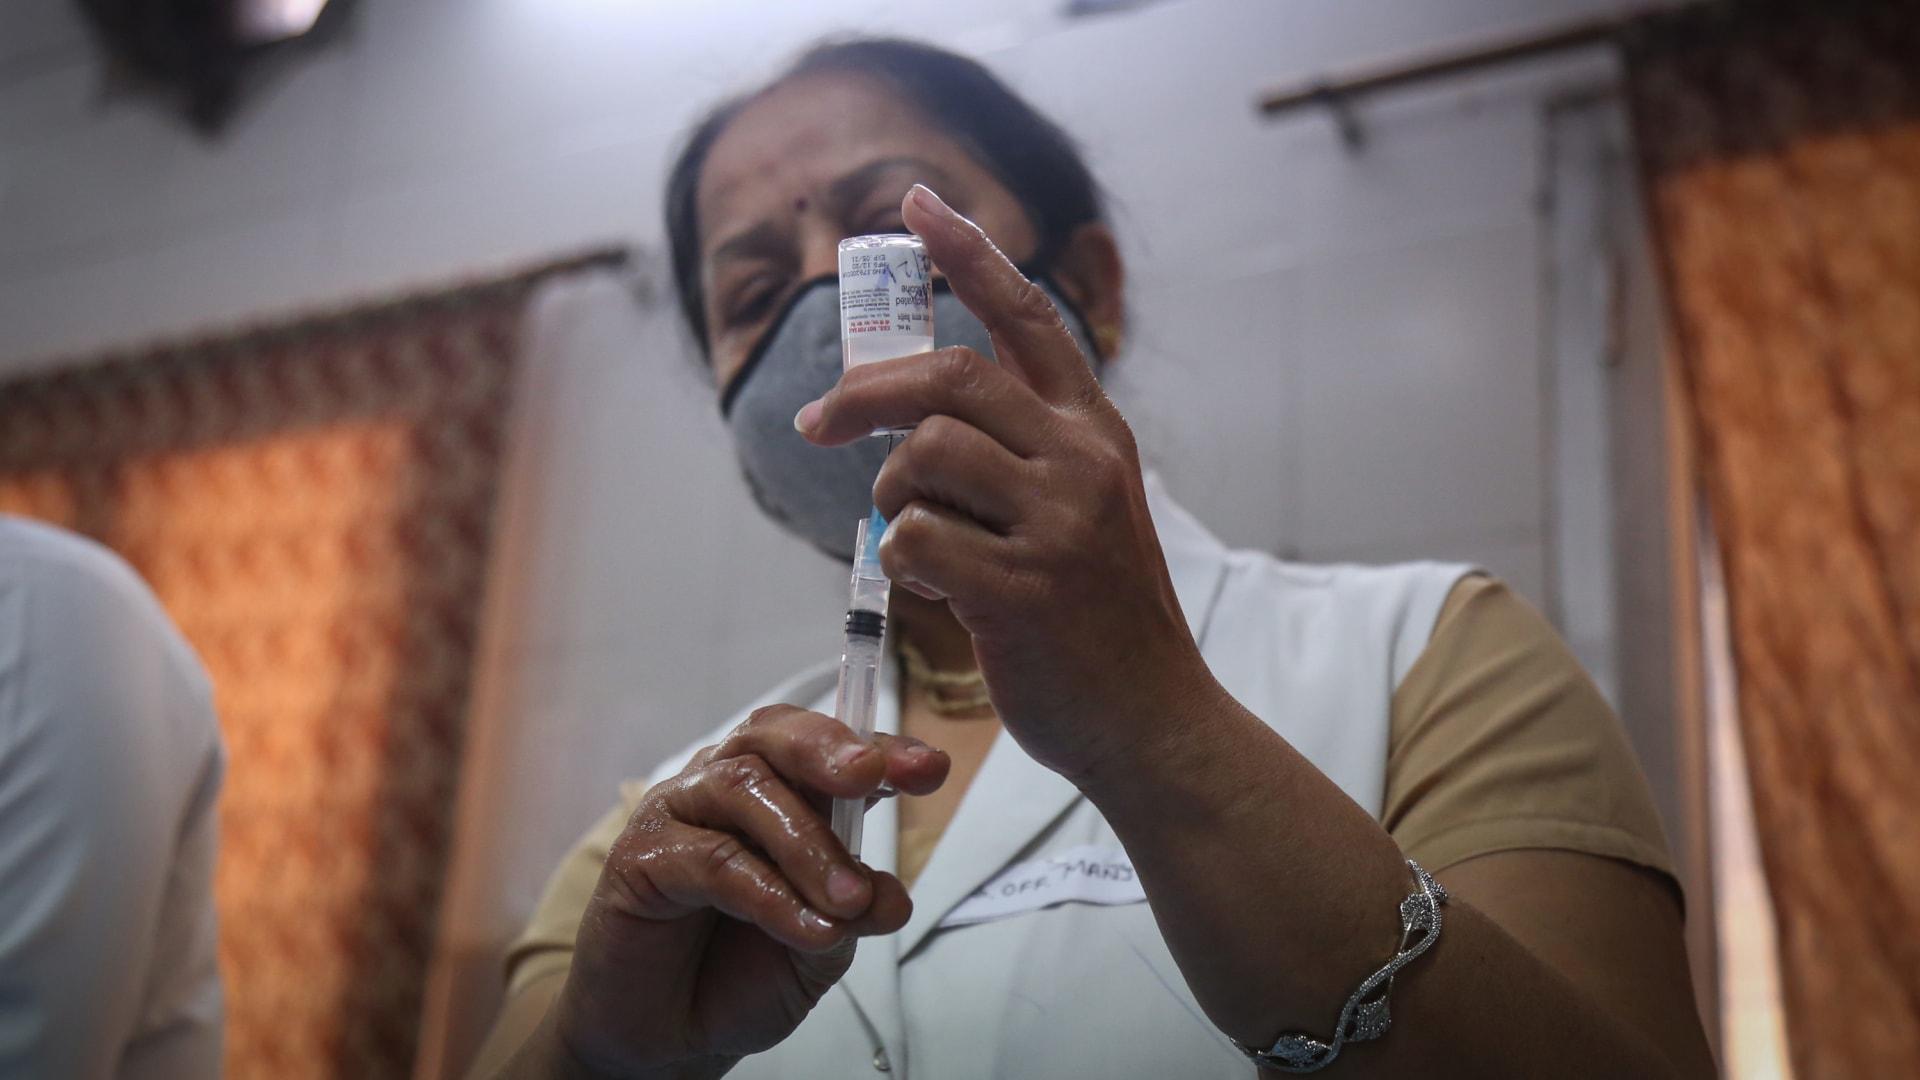 الهند توافق على استخدام لقاحين لكورونا استعدادا لإحدى أكبر حملات التطعيم بالعالم